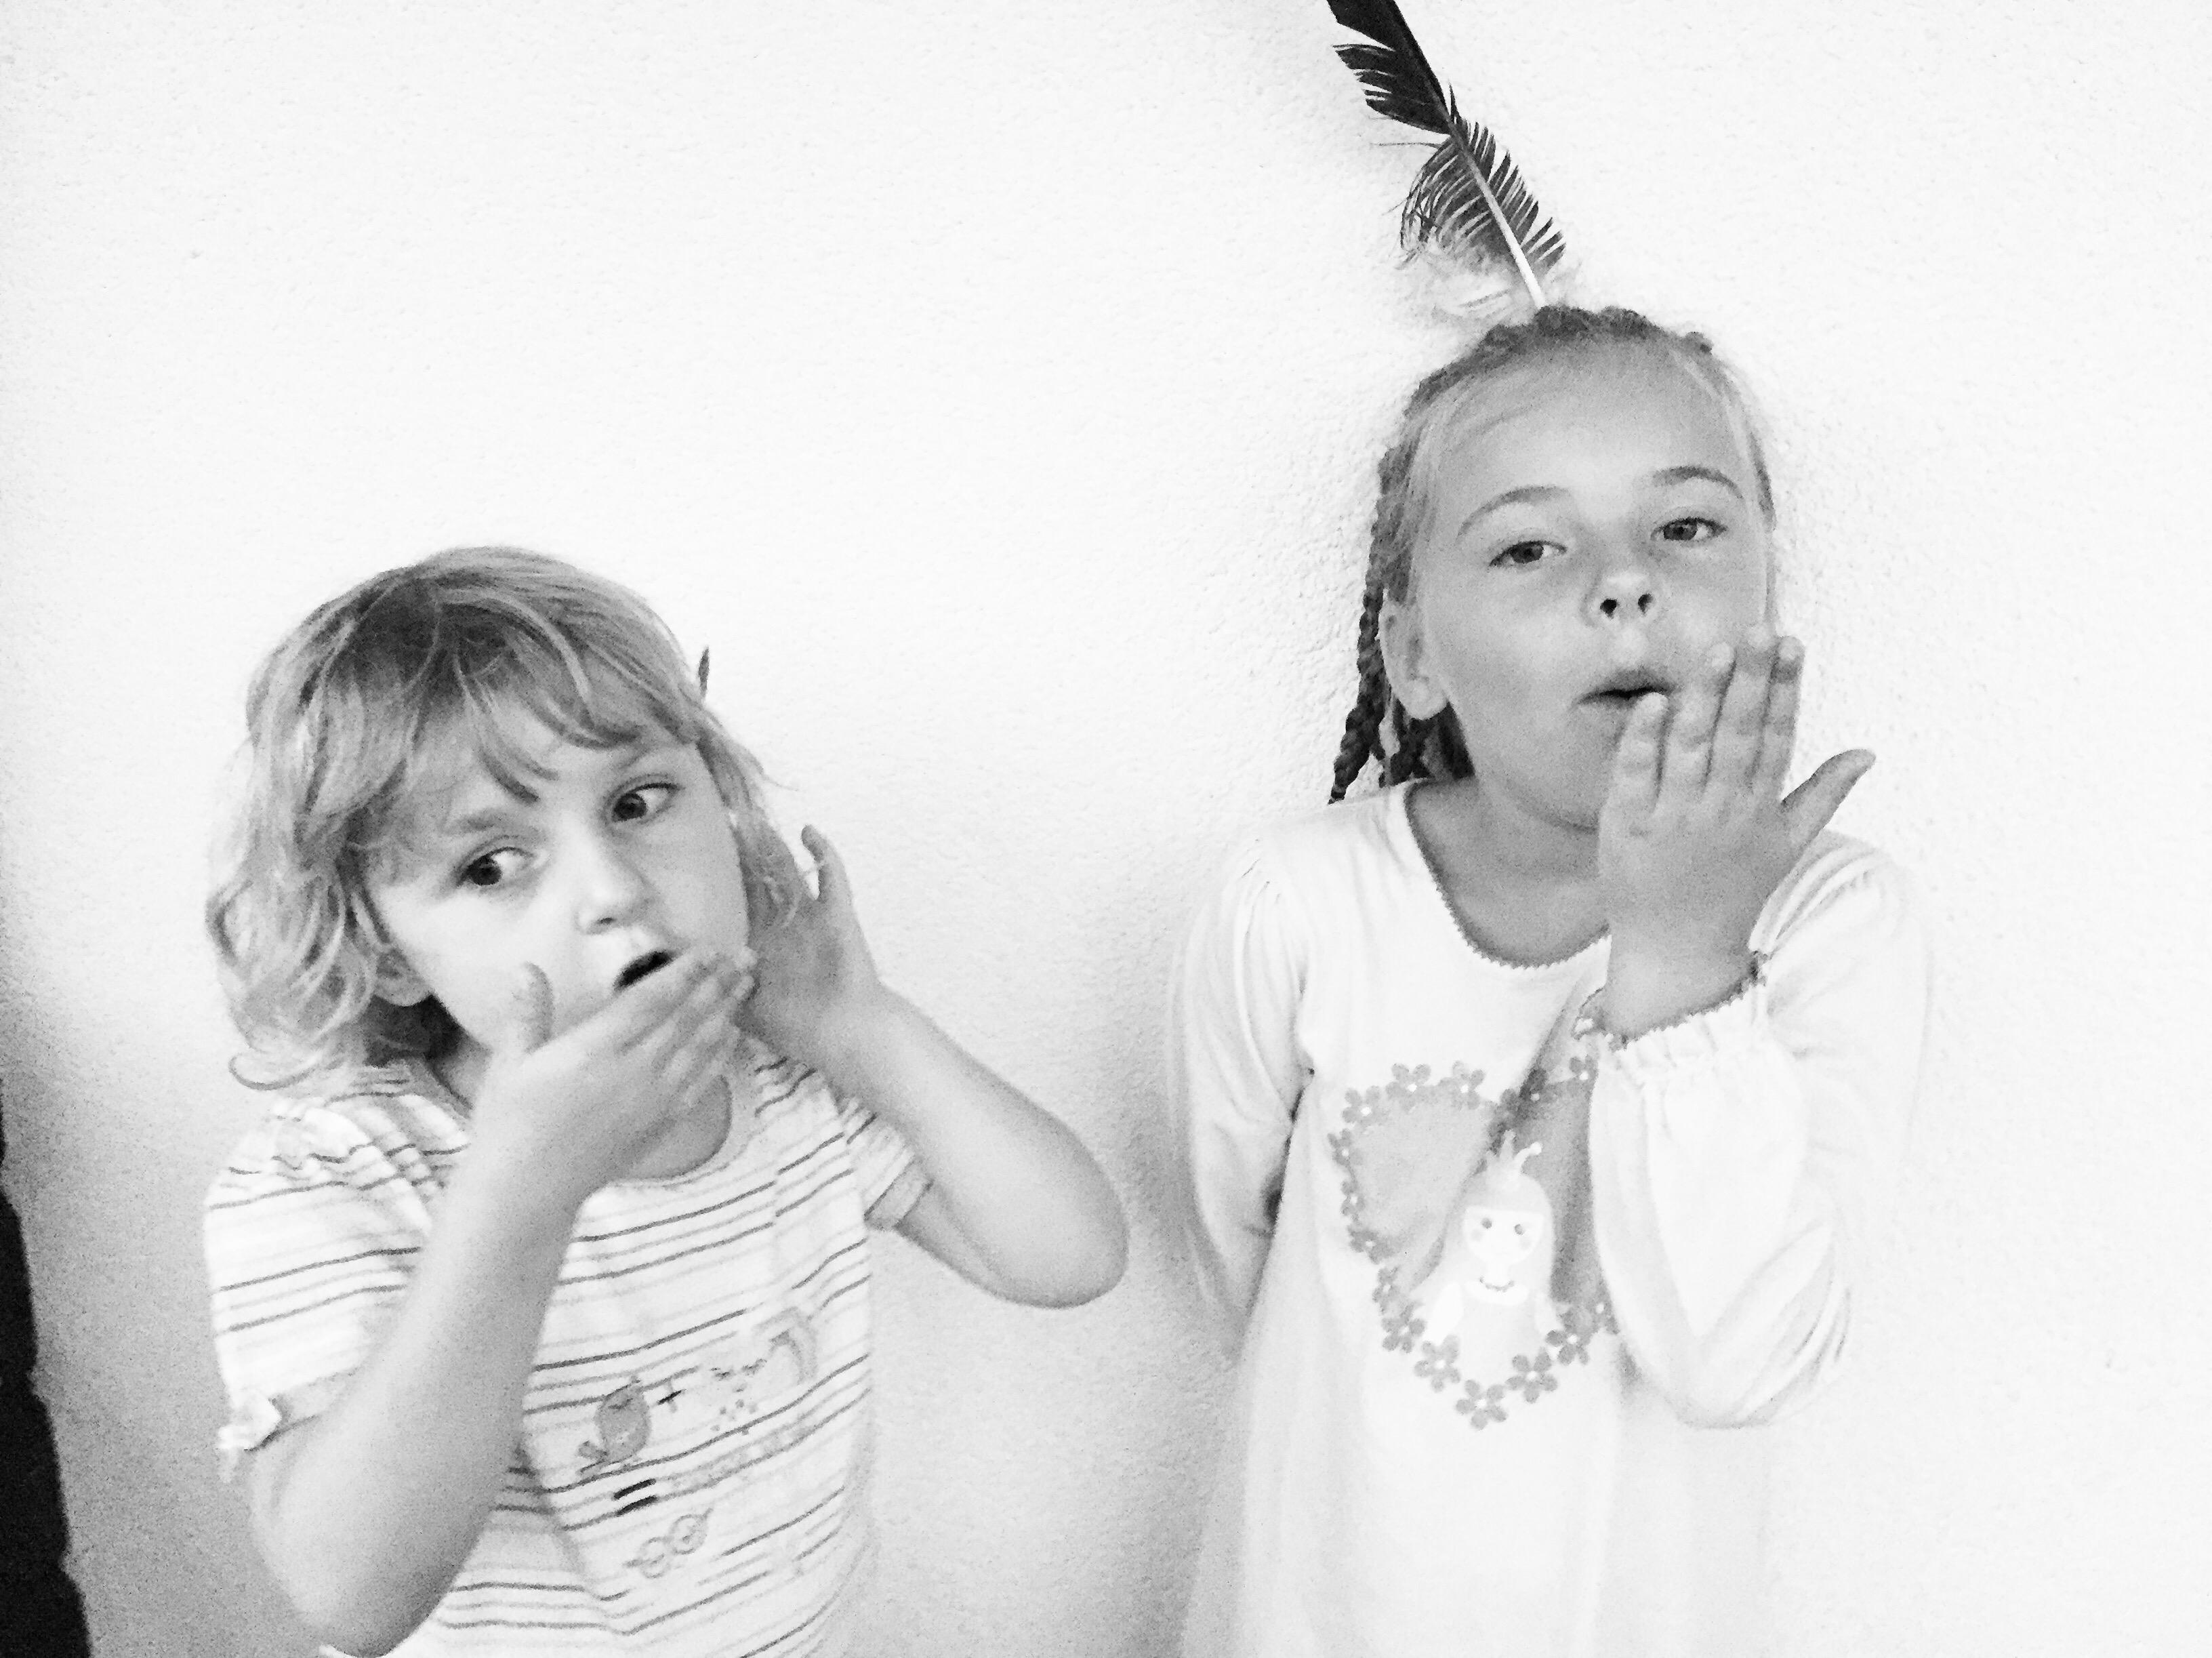 Thuis speelden de kinderen indiaantje. Liza reageerde droof: hee, zwarte piet!